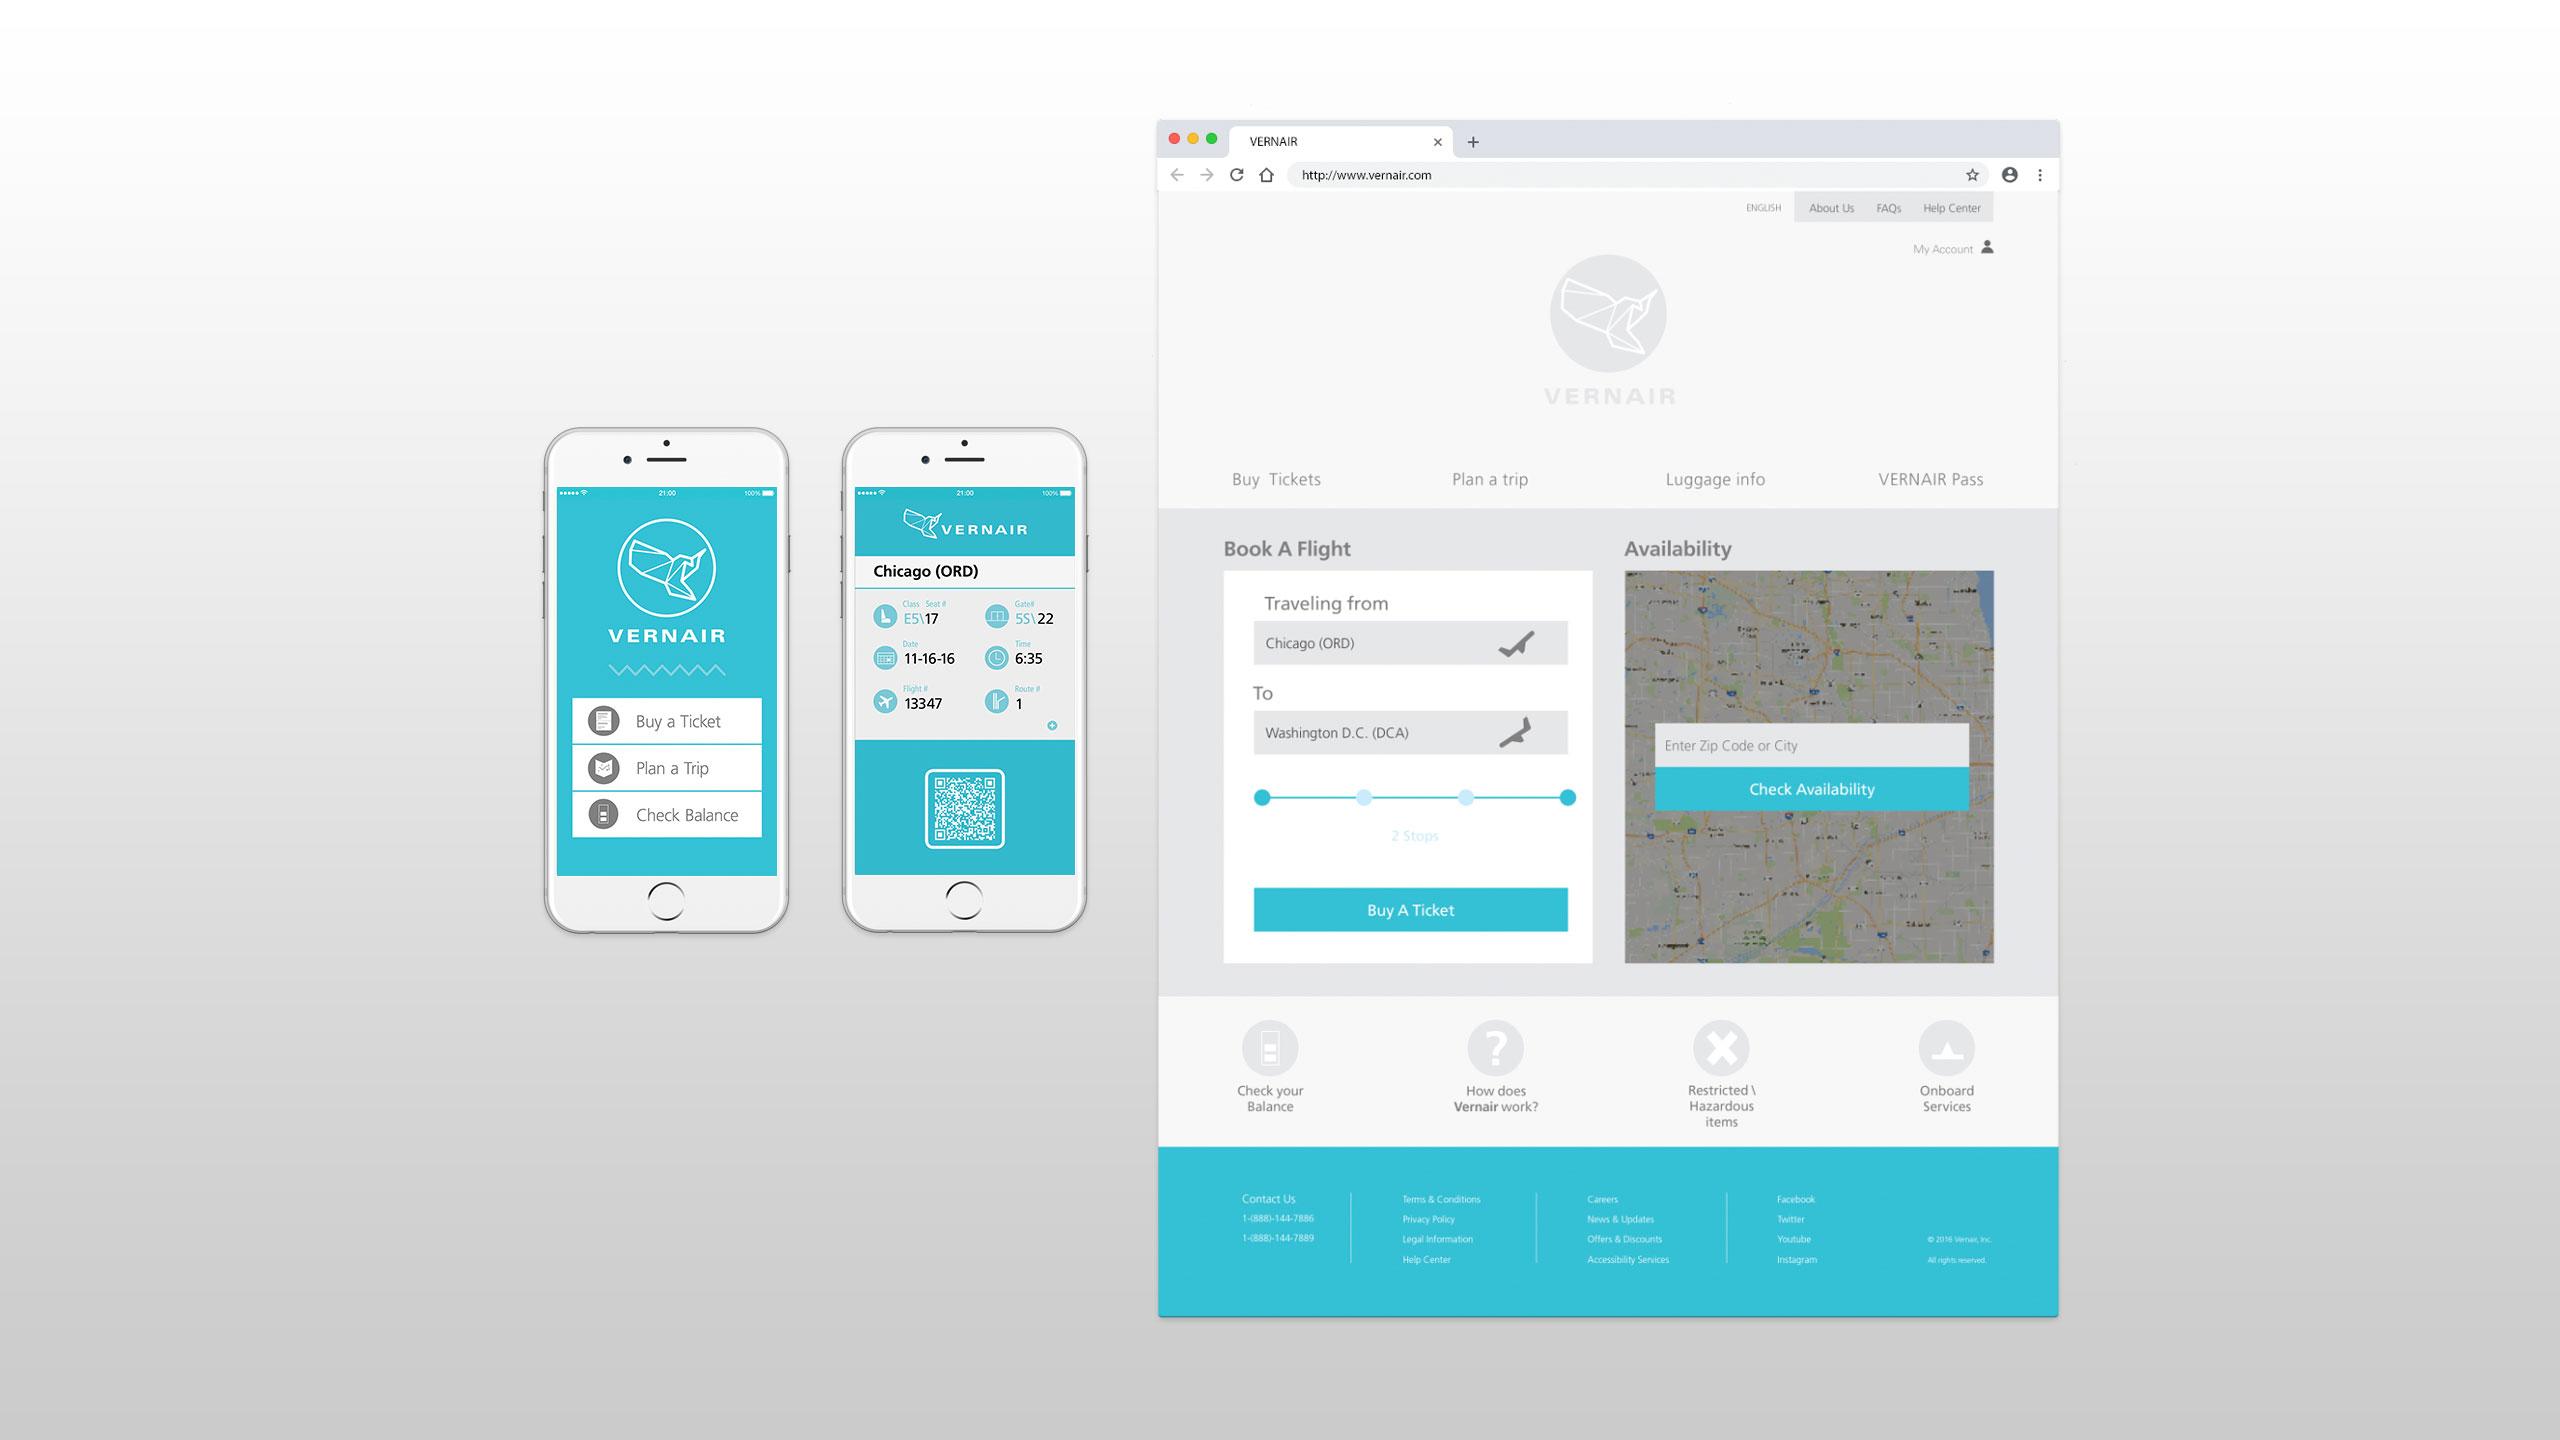 Vernair Airlines Homepage Mobile App Ticket